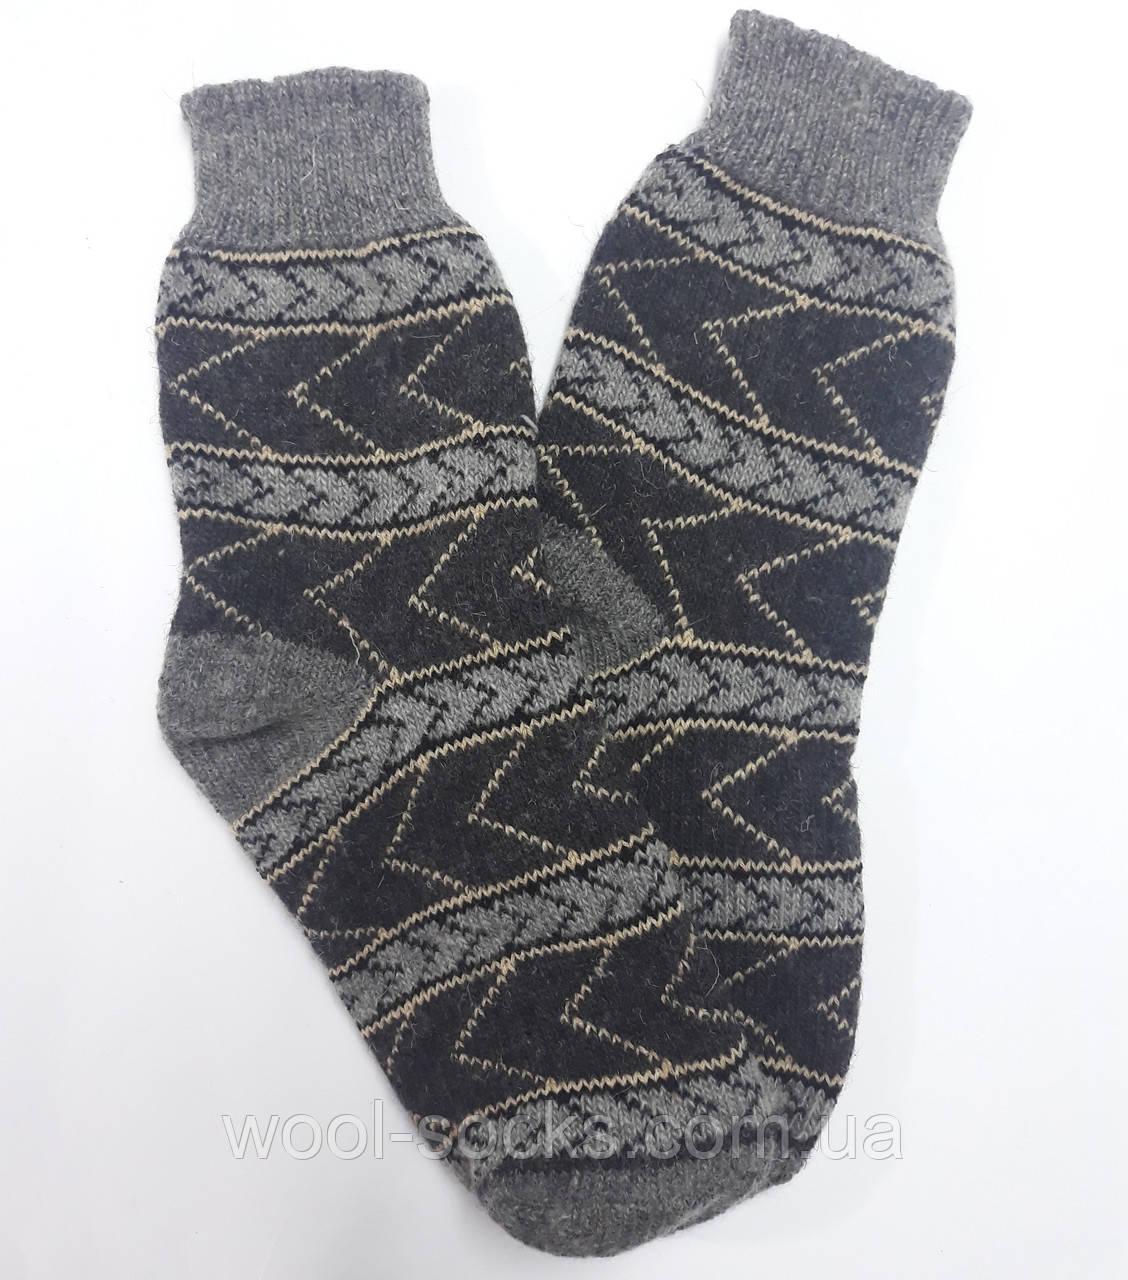 Носки из овчины мужские